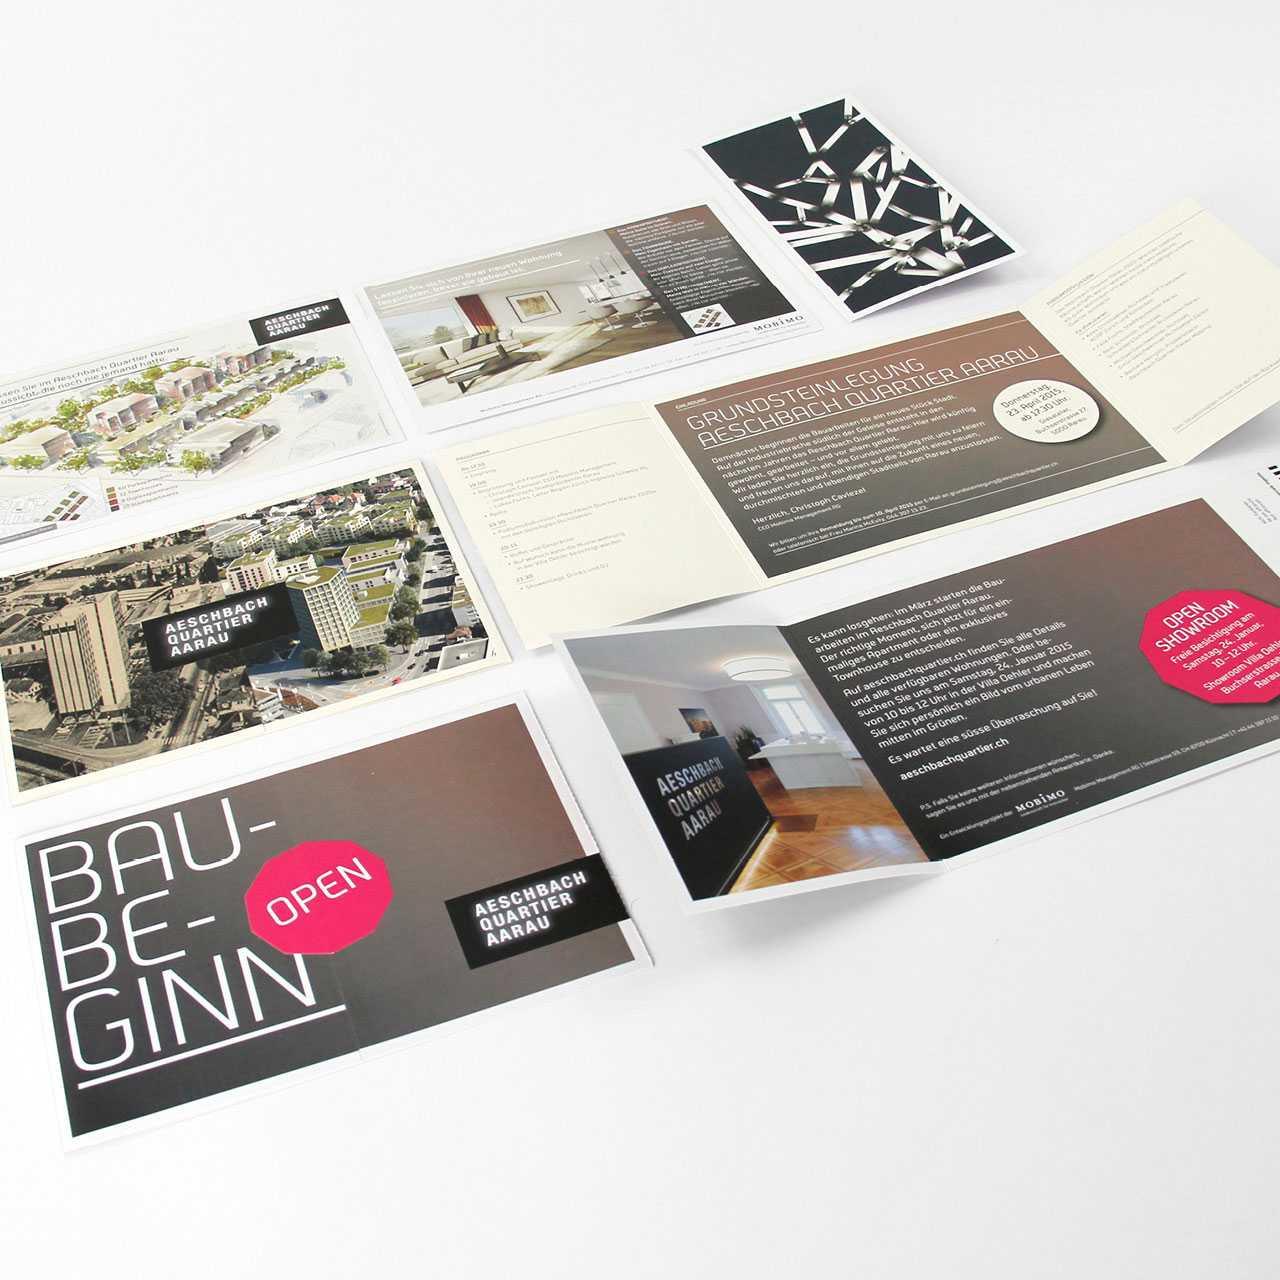 Aeschbachquartier Aarau by Mobimo AG: Printprodukte, Vermarktungsunterlagen, Flyer